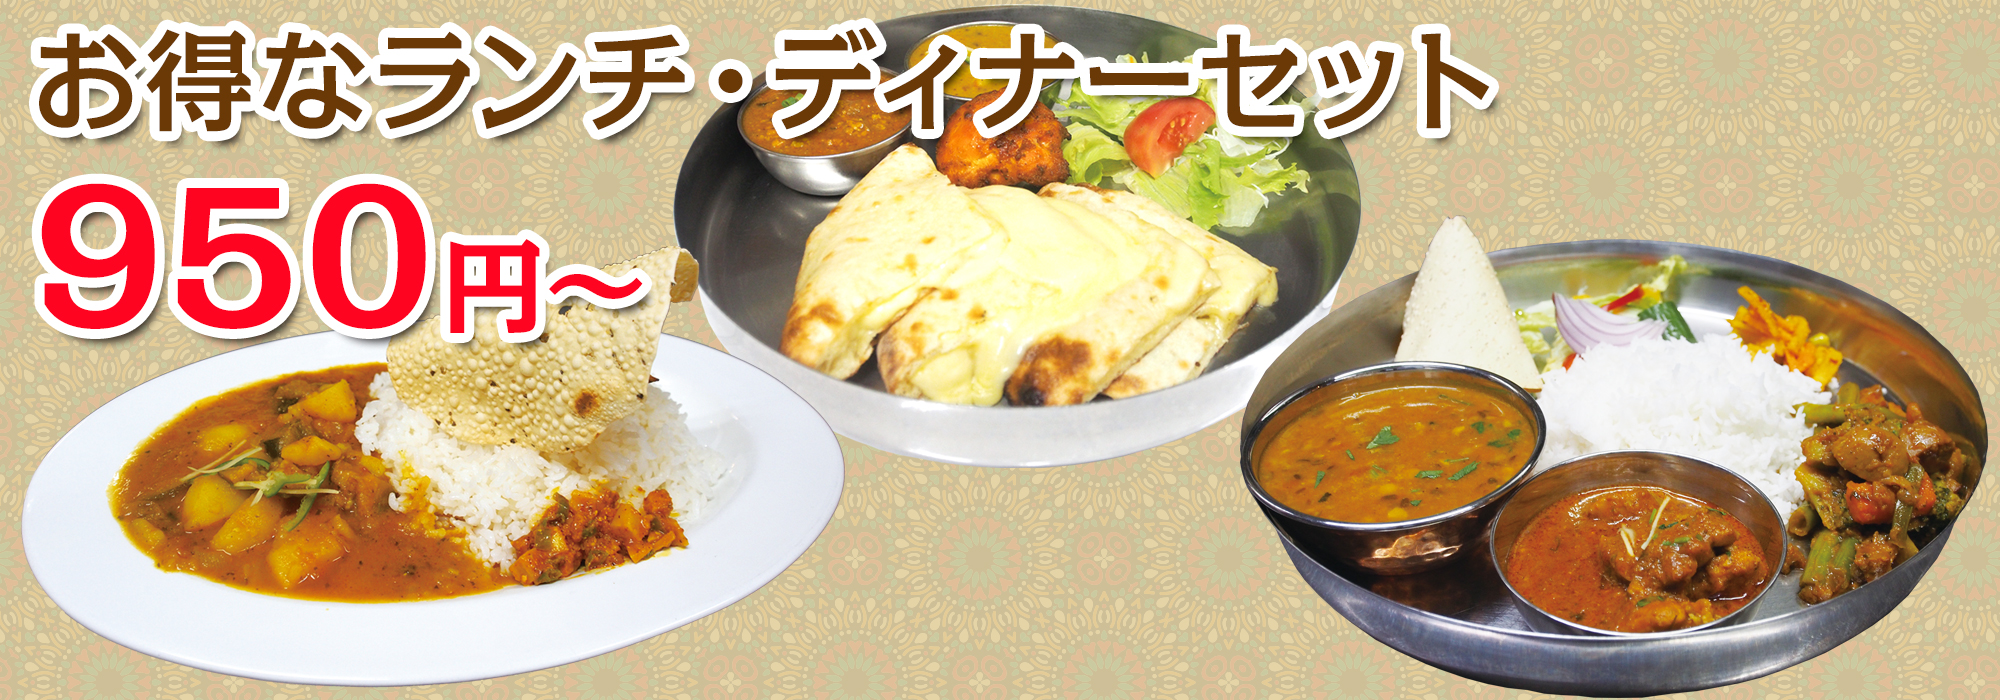 お得なランチ・ディナーセット 950円~